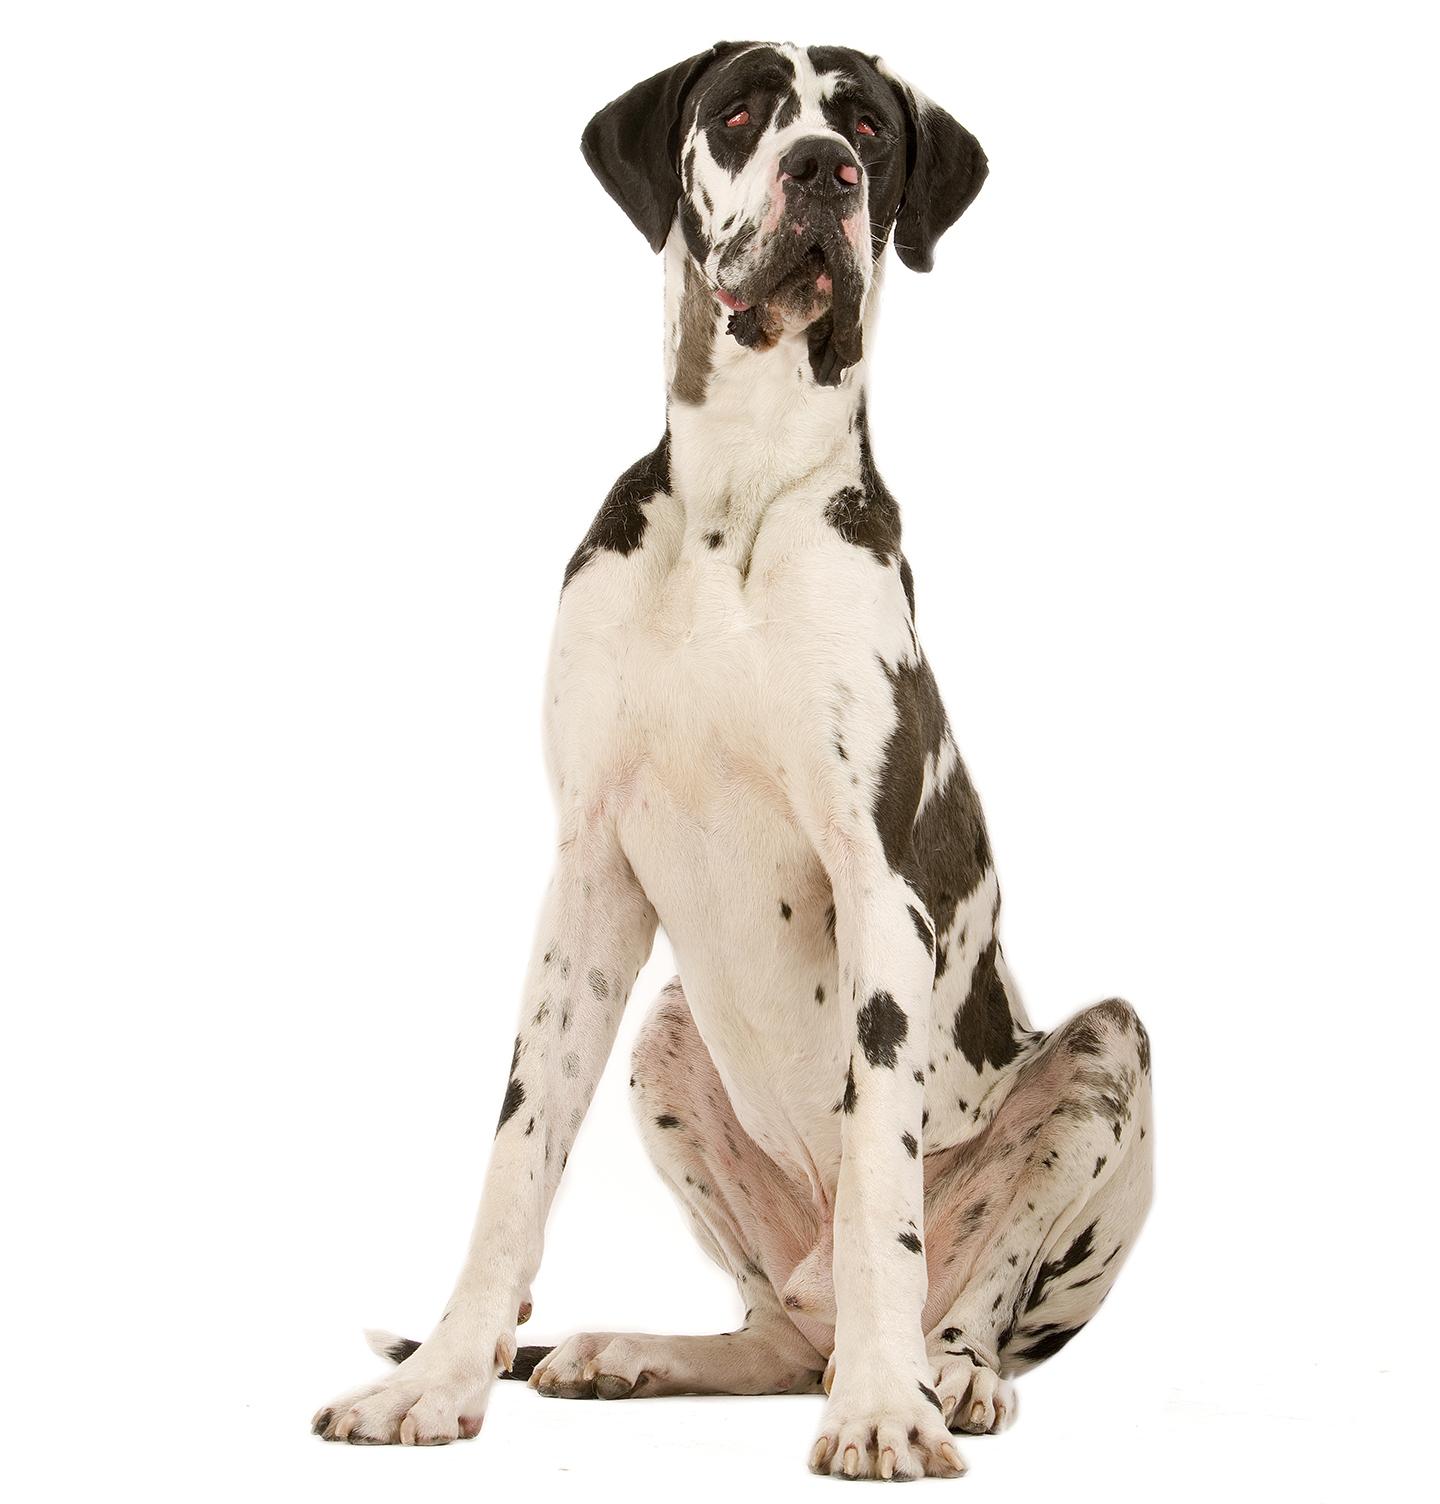 Morphologie du Dogue Allemand